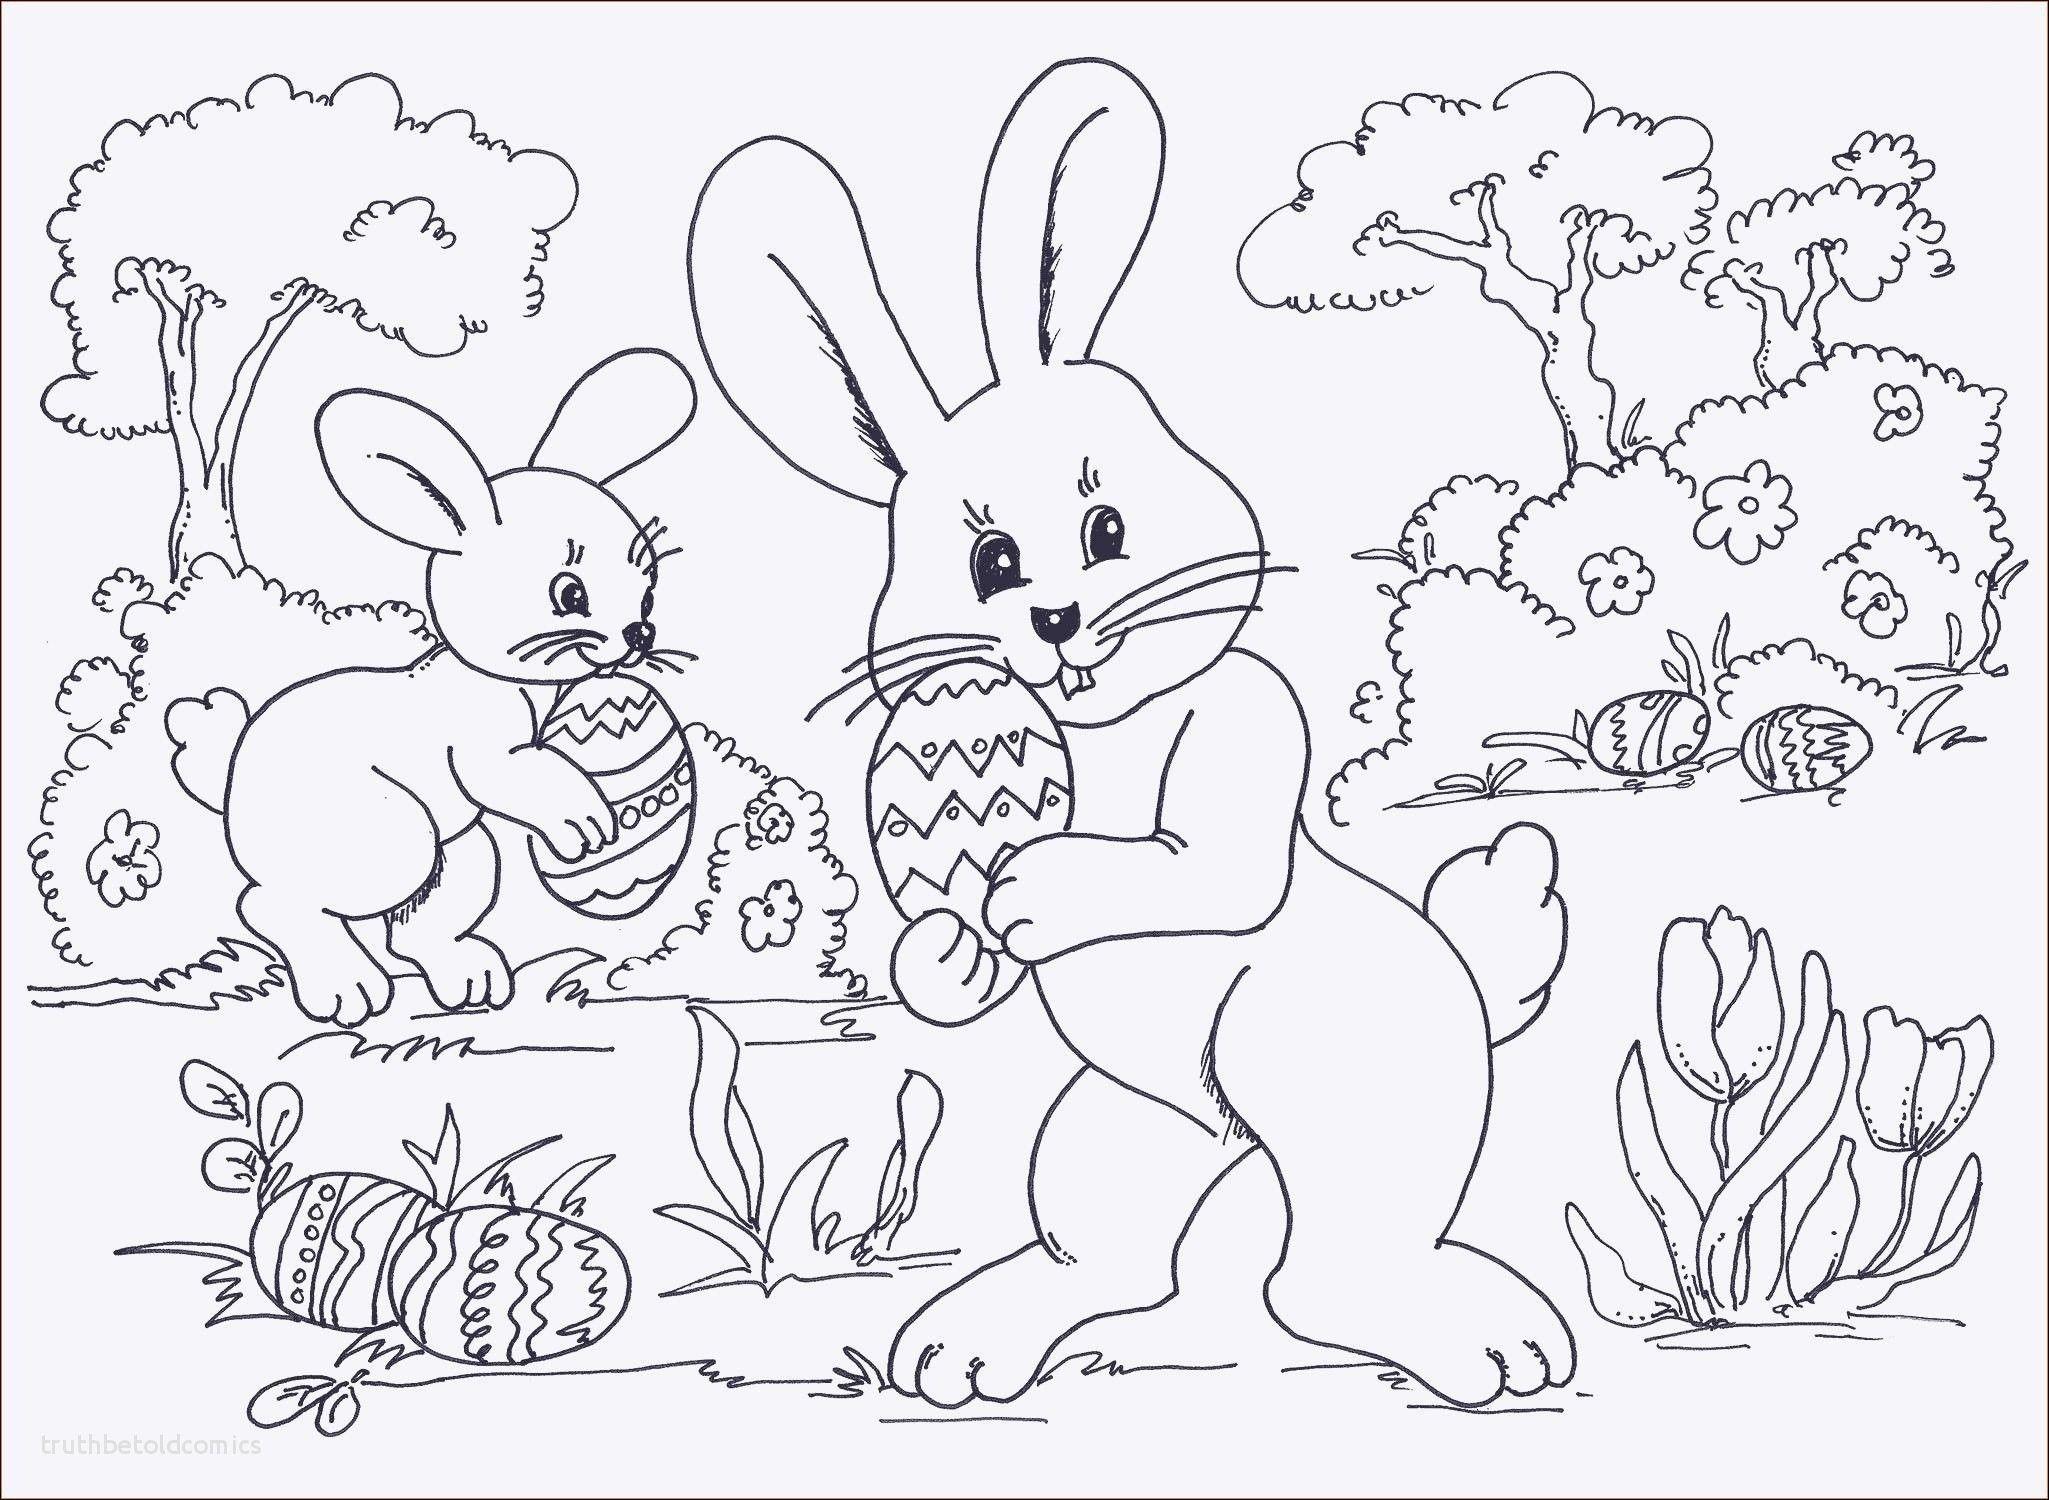 Unique Ostermotive Zum Ausdrucken Farbung Malvorlagen Malvorlagenfurkinder Ausmalbild Hase Malvorlagen Ostern Ausmalbilder Ostern